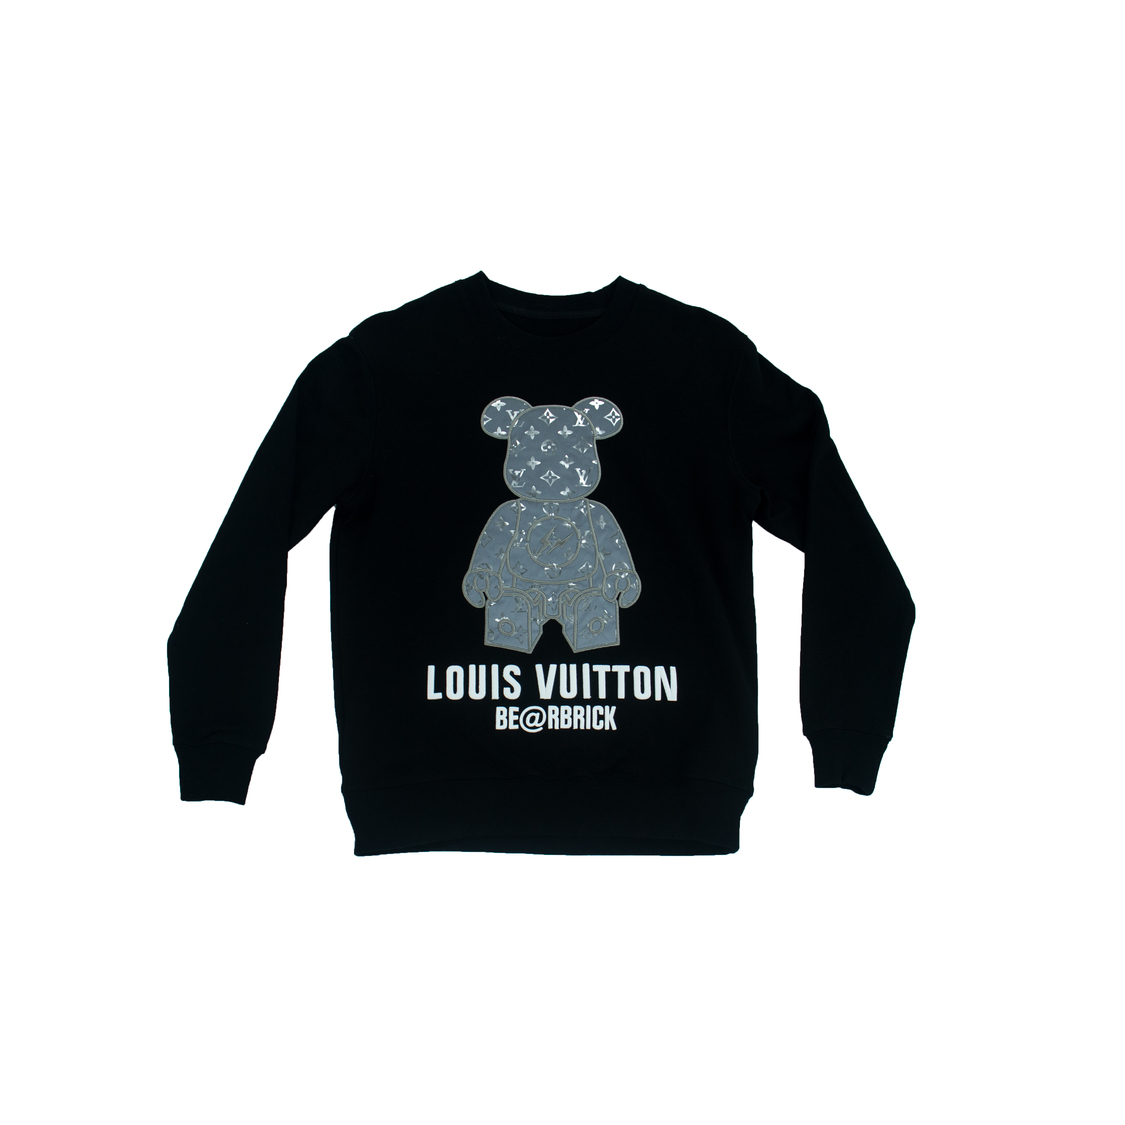 Áo nỉ Louis Vuitton Be@rbrick gấu - đen